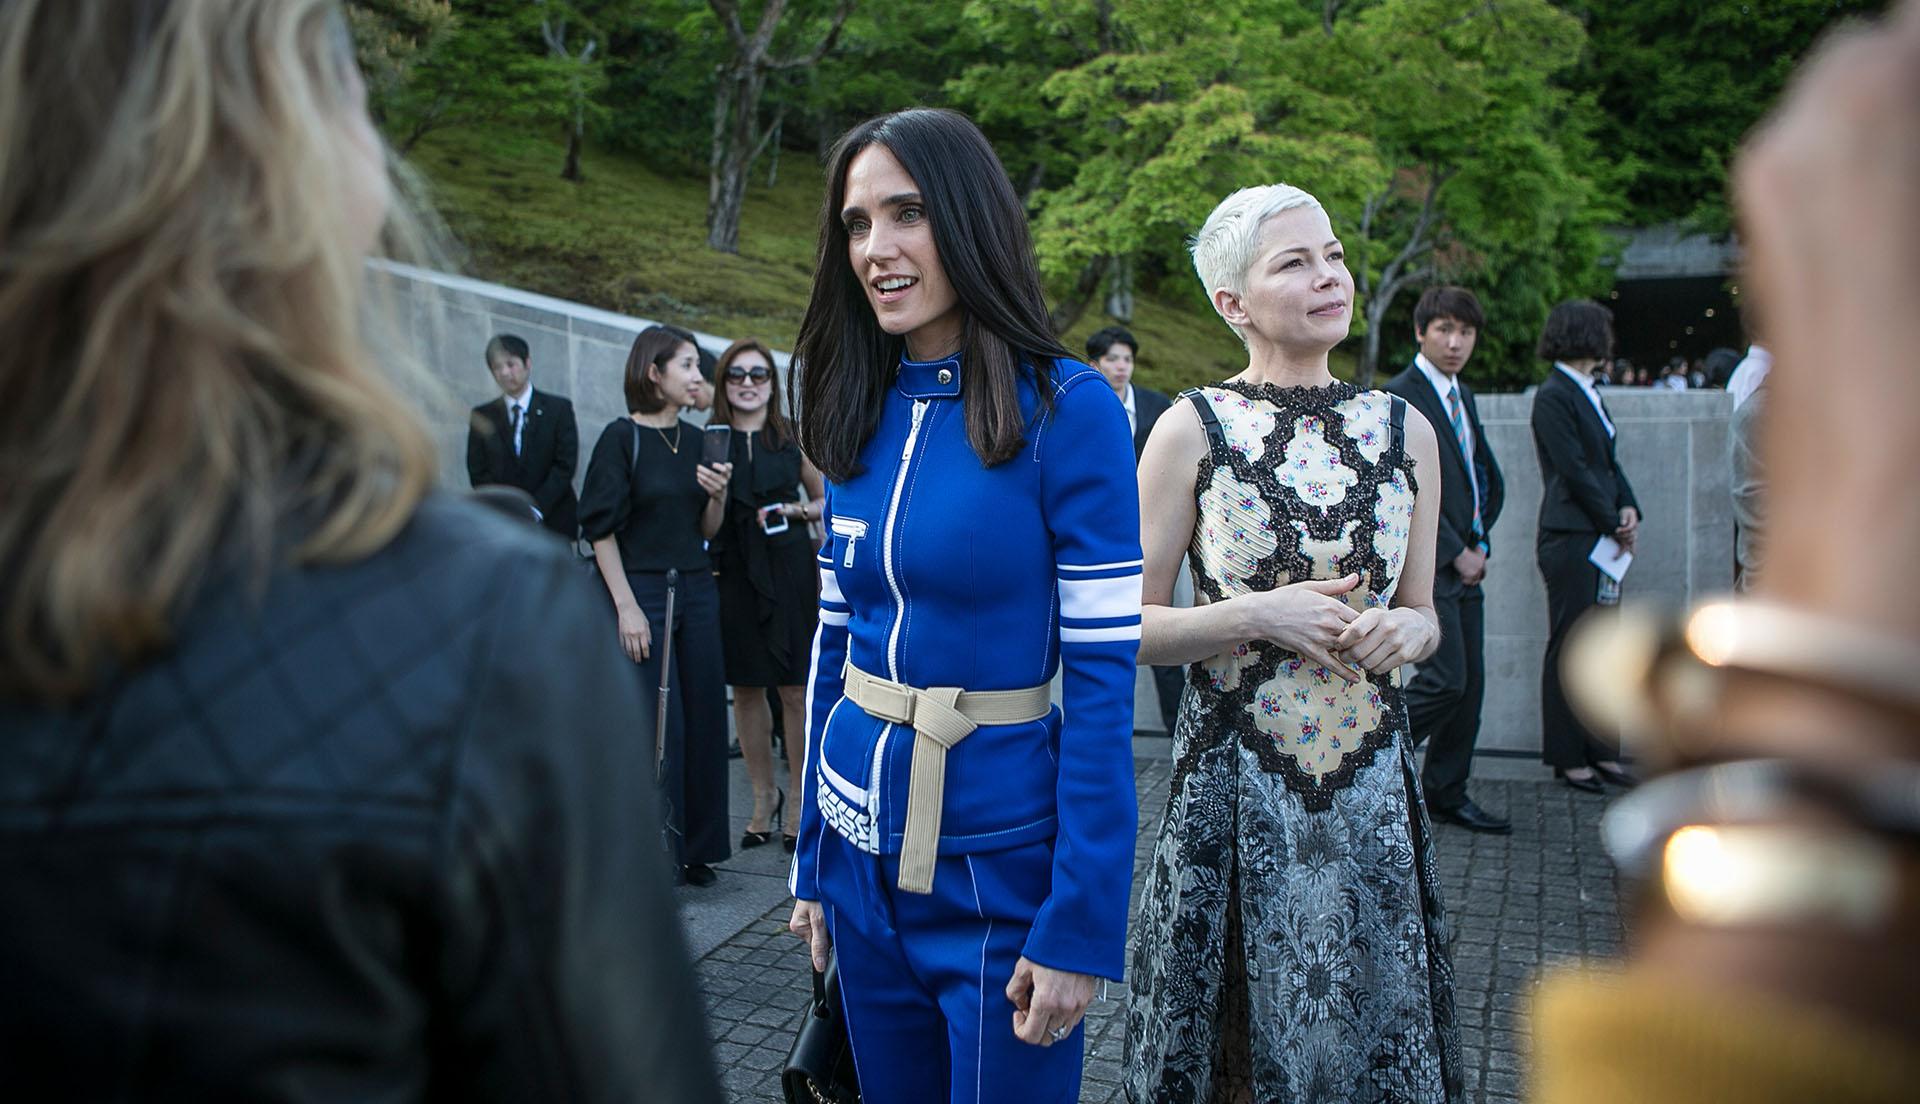 Jennifer Connelly y Michelle Williams, musas de lujo en la primera fila del gran espectáculo de la moda ( Getty Images)